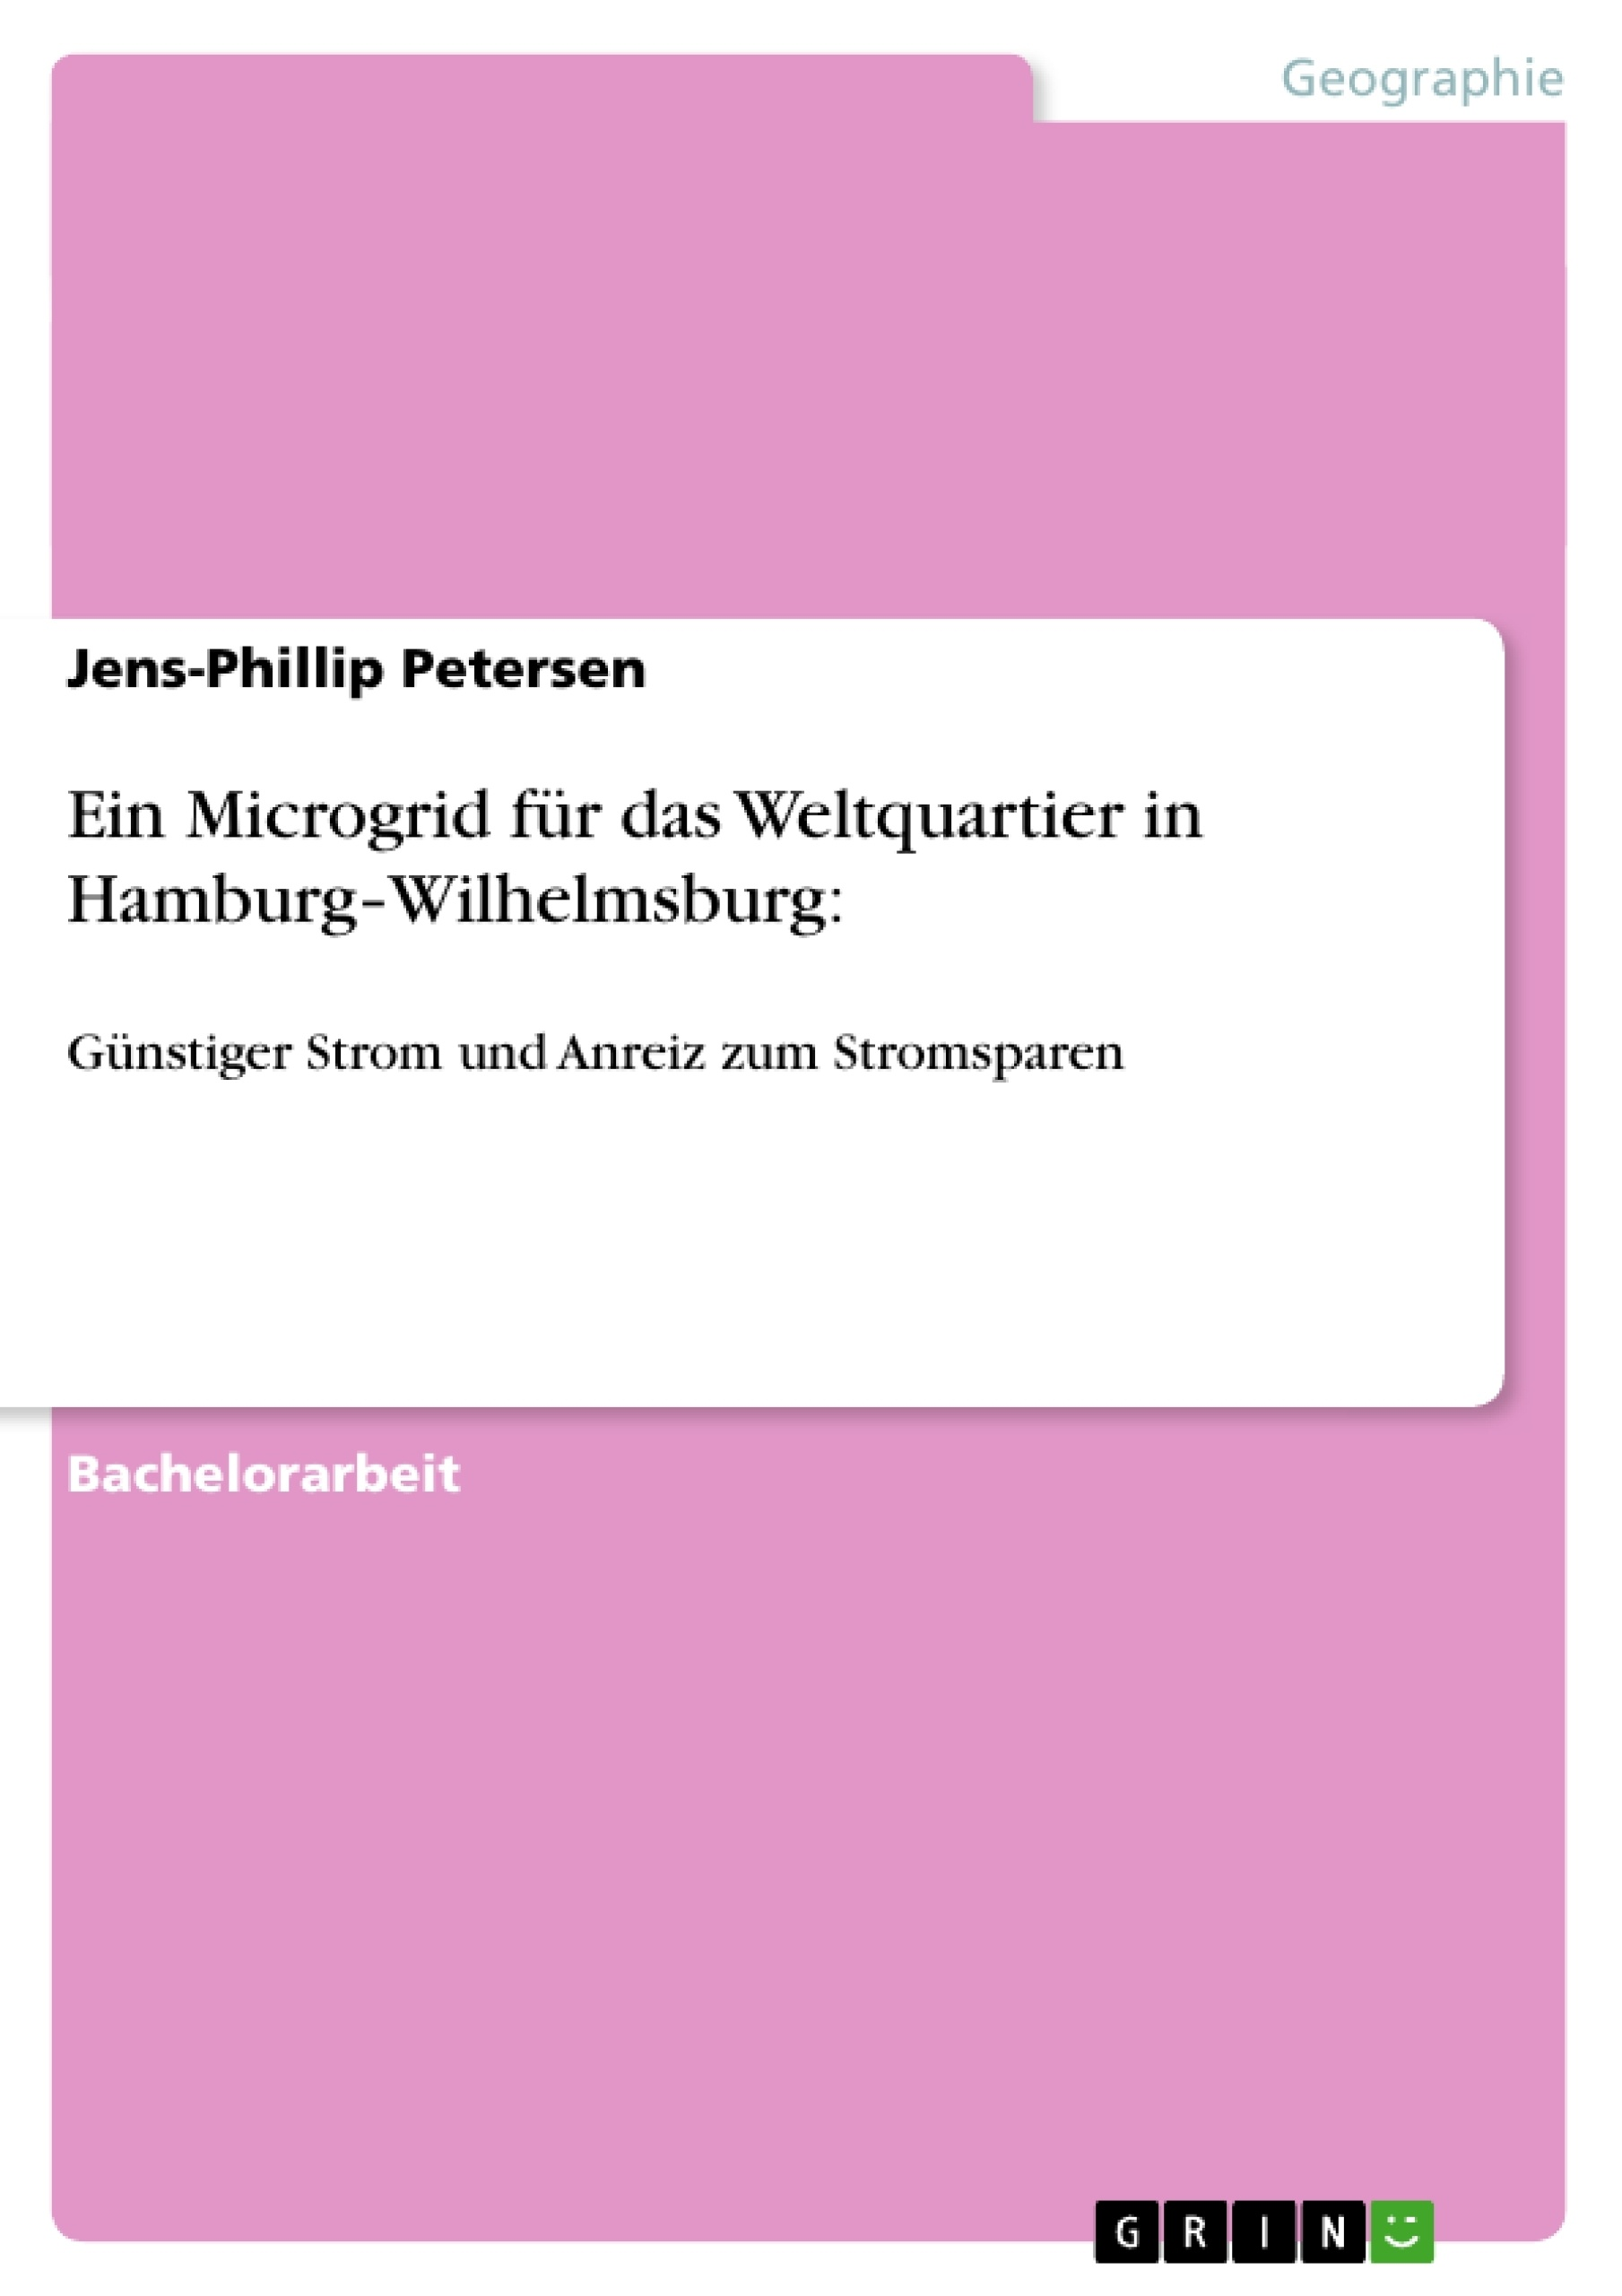 Titel: Ein Microgrid für das Weltquartier in Hamburg‐Wilhelmsburg